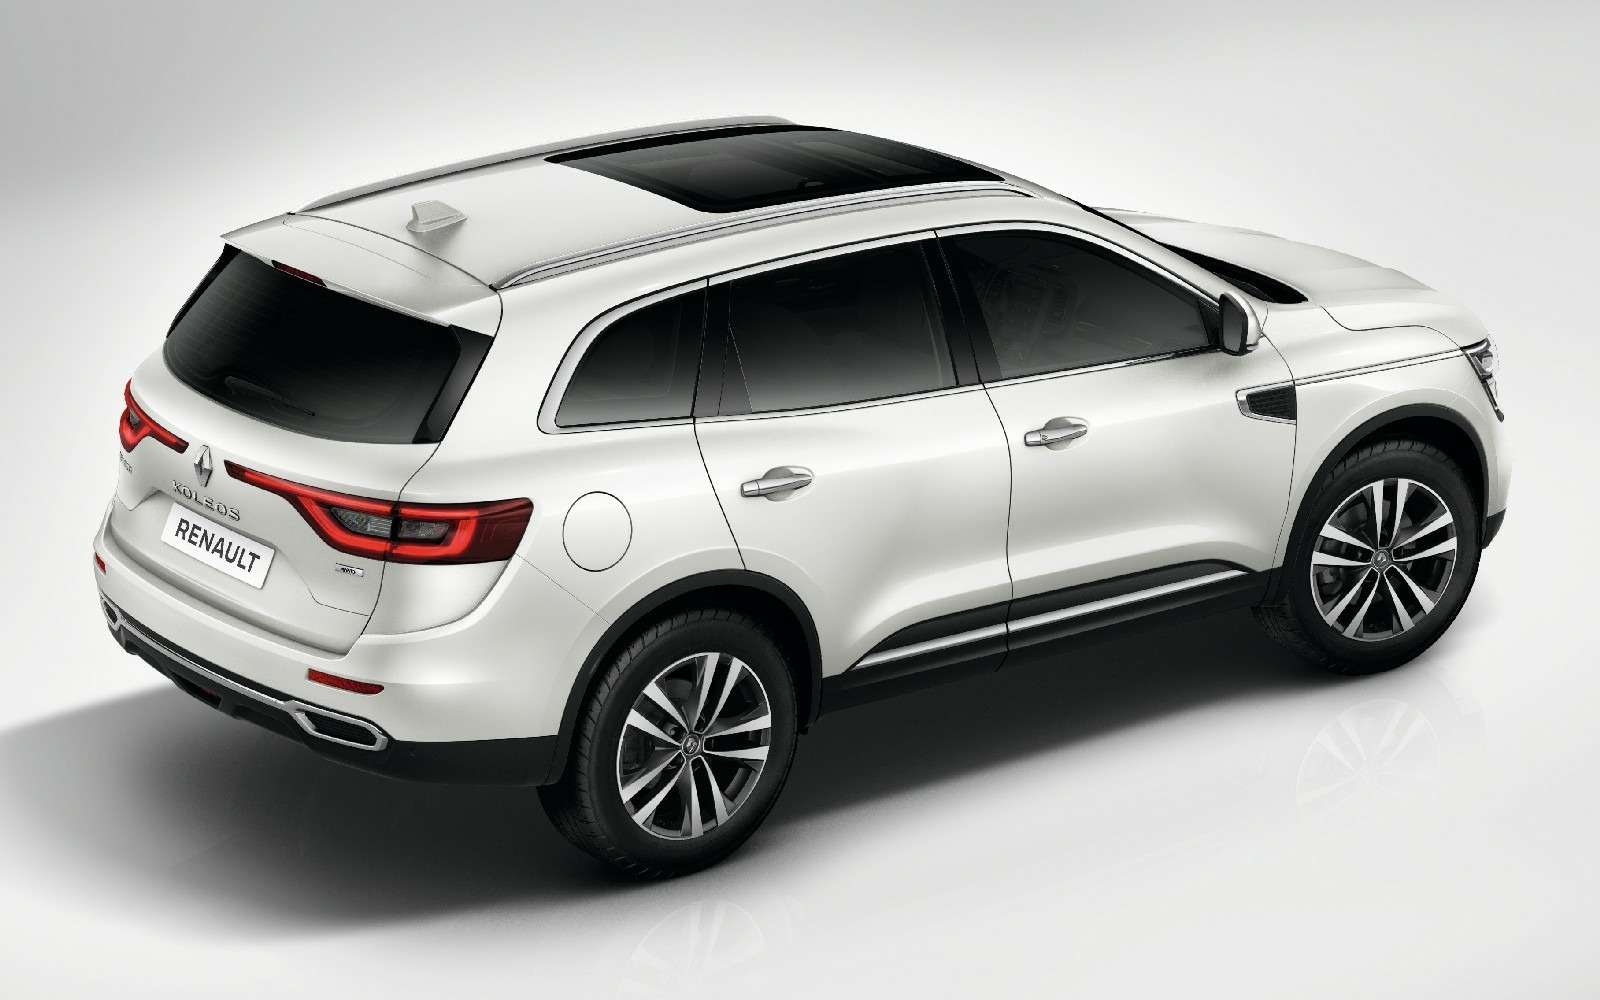 В России стартовали продажи кроссовера Renault Koleos второго поколения— фото 761960